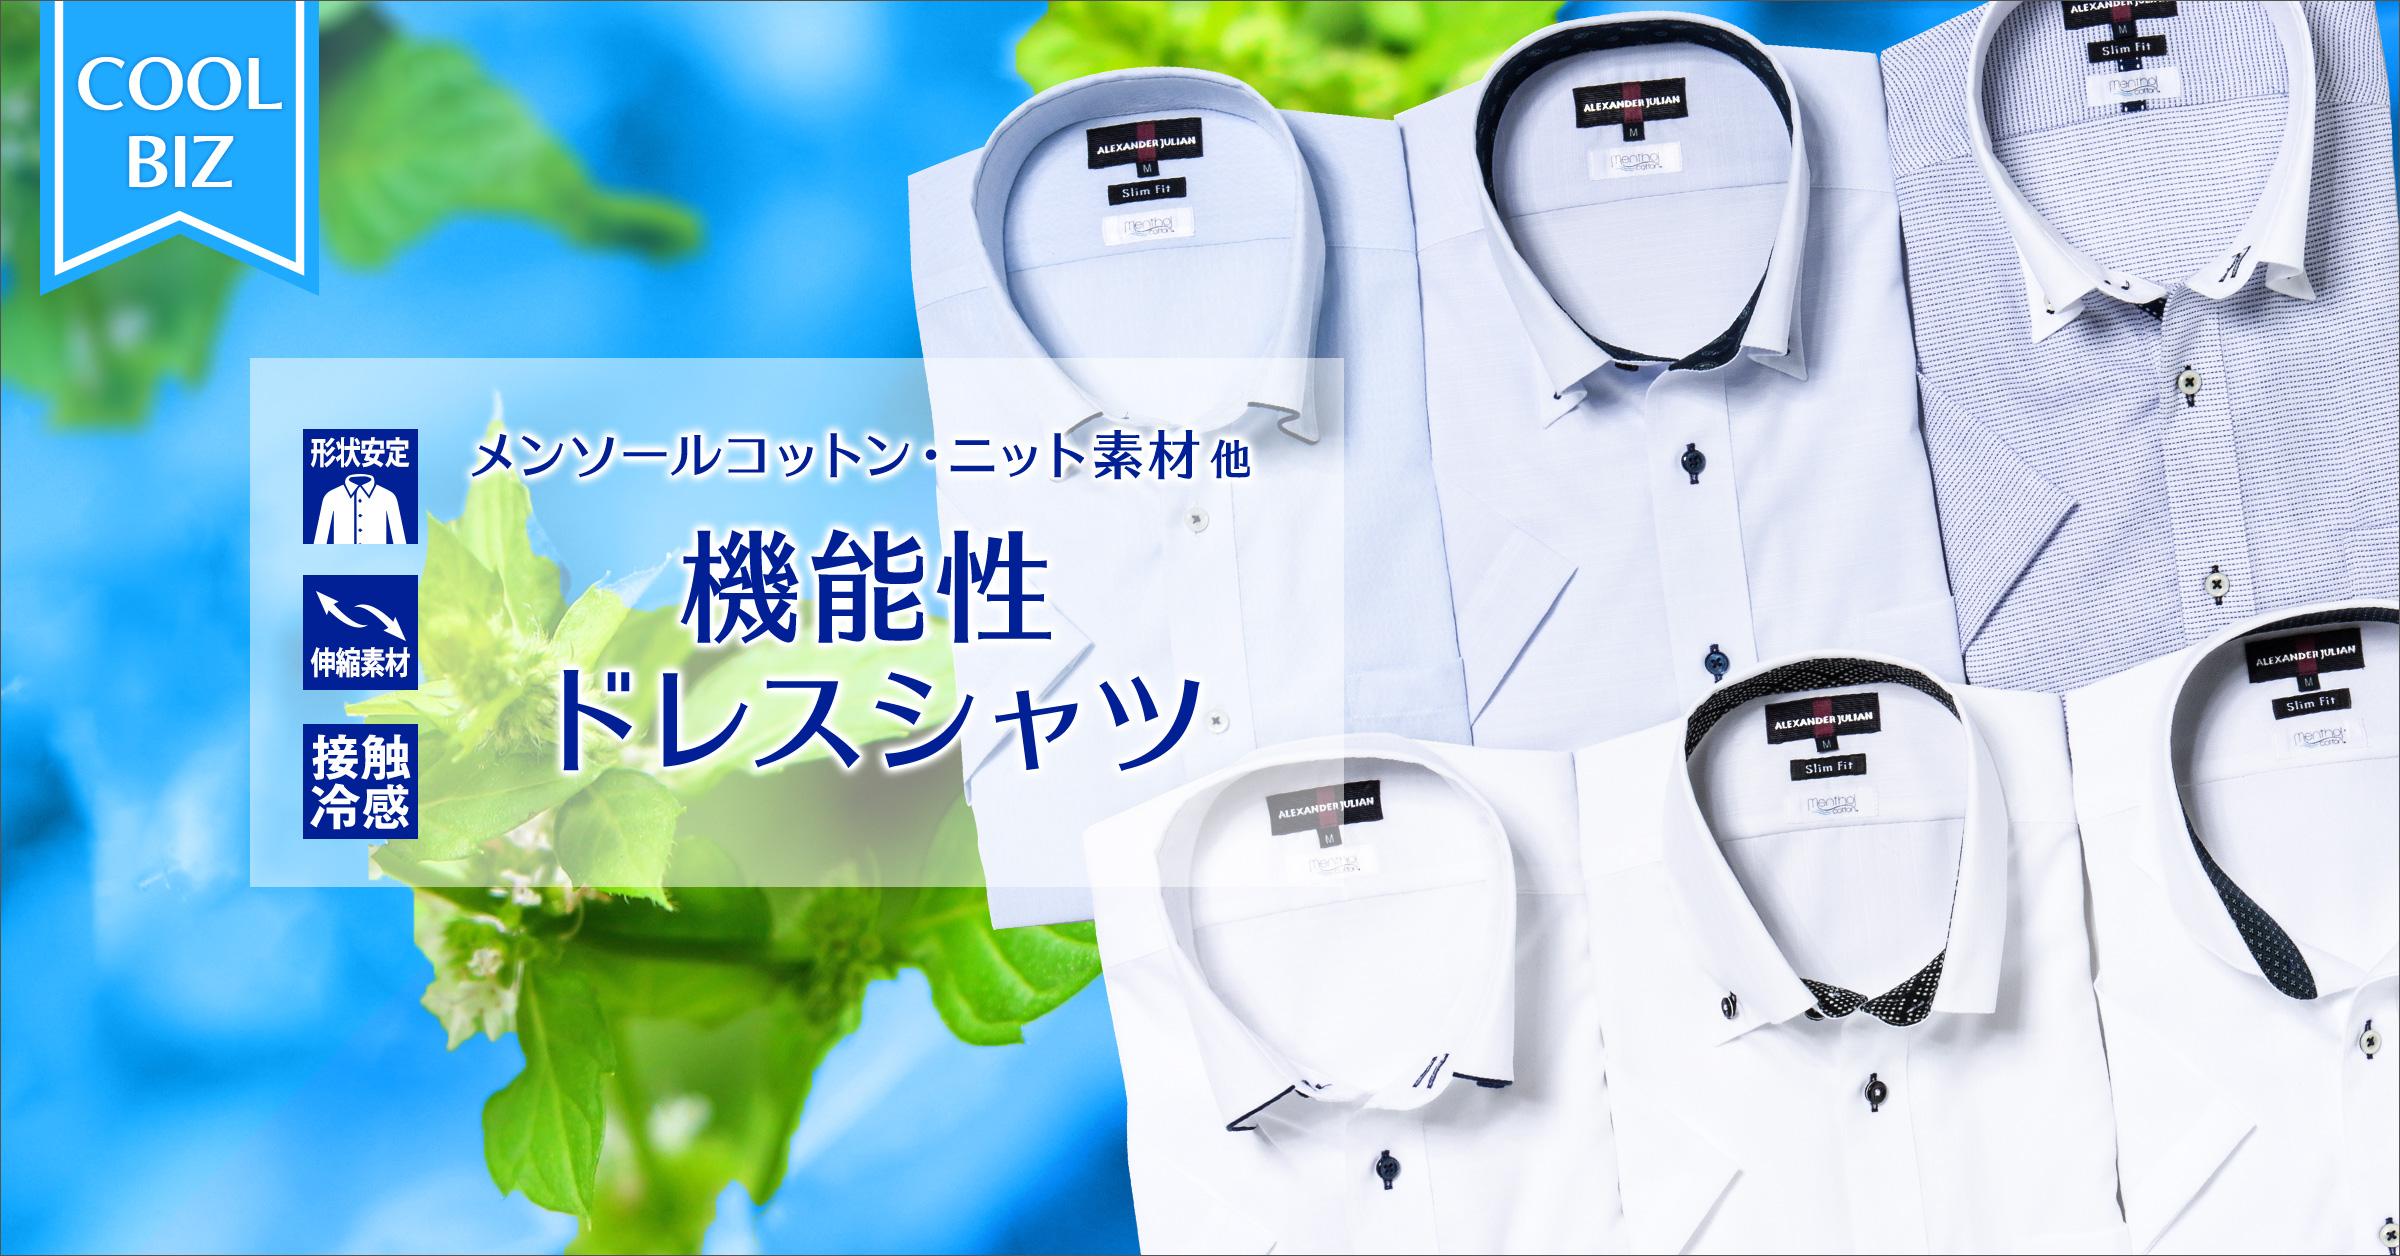 メンソールコットン・ニット素材他 機能性ドレスシャツ